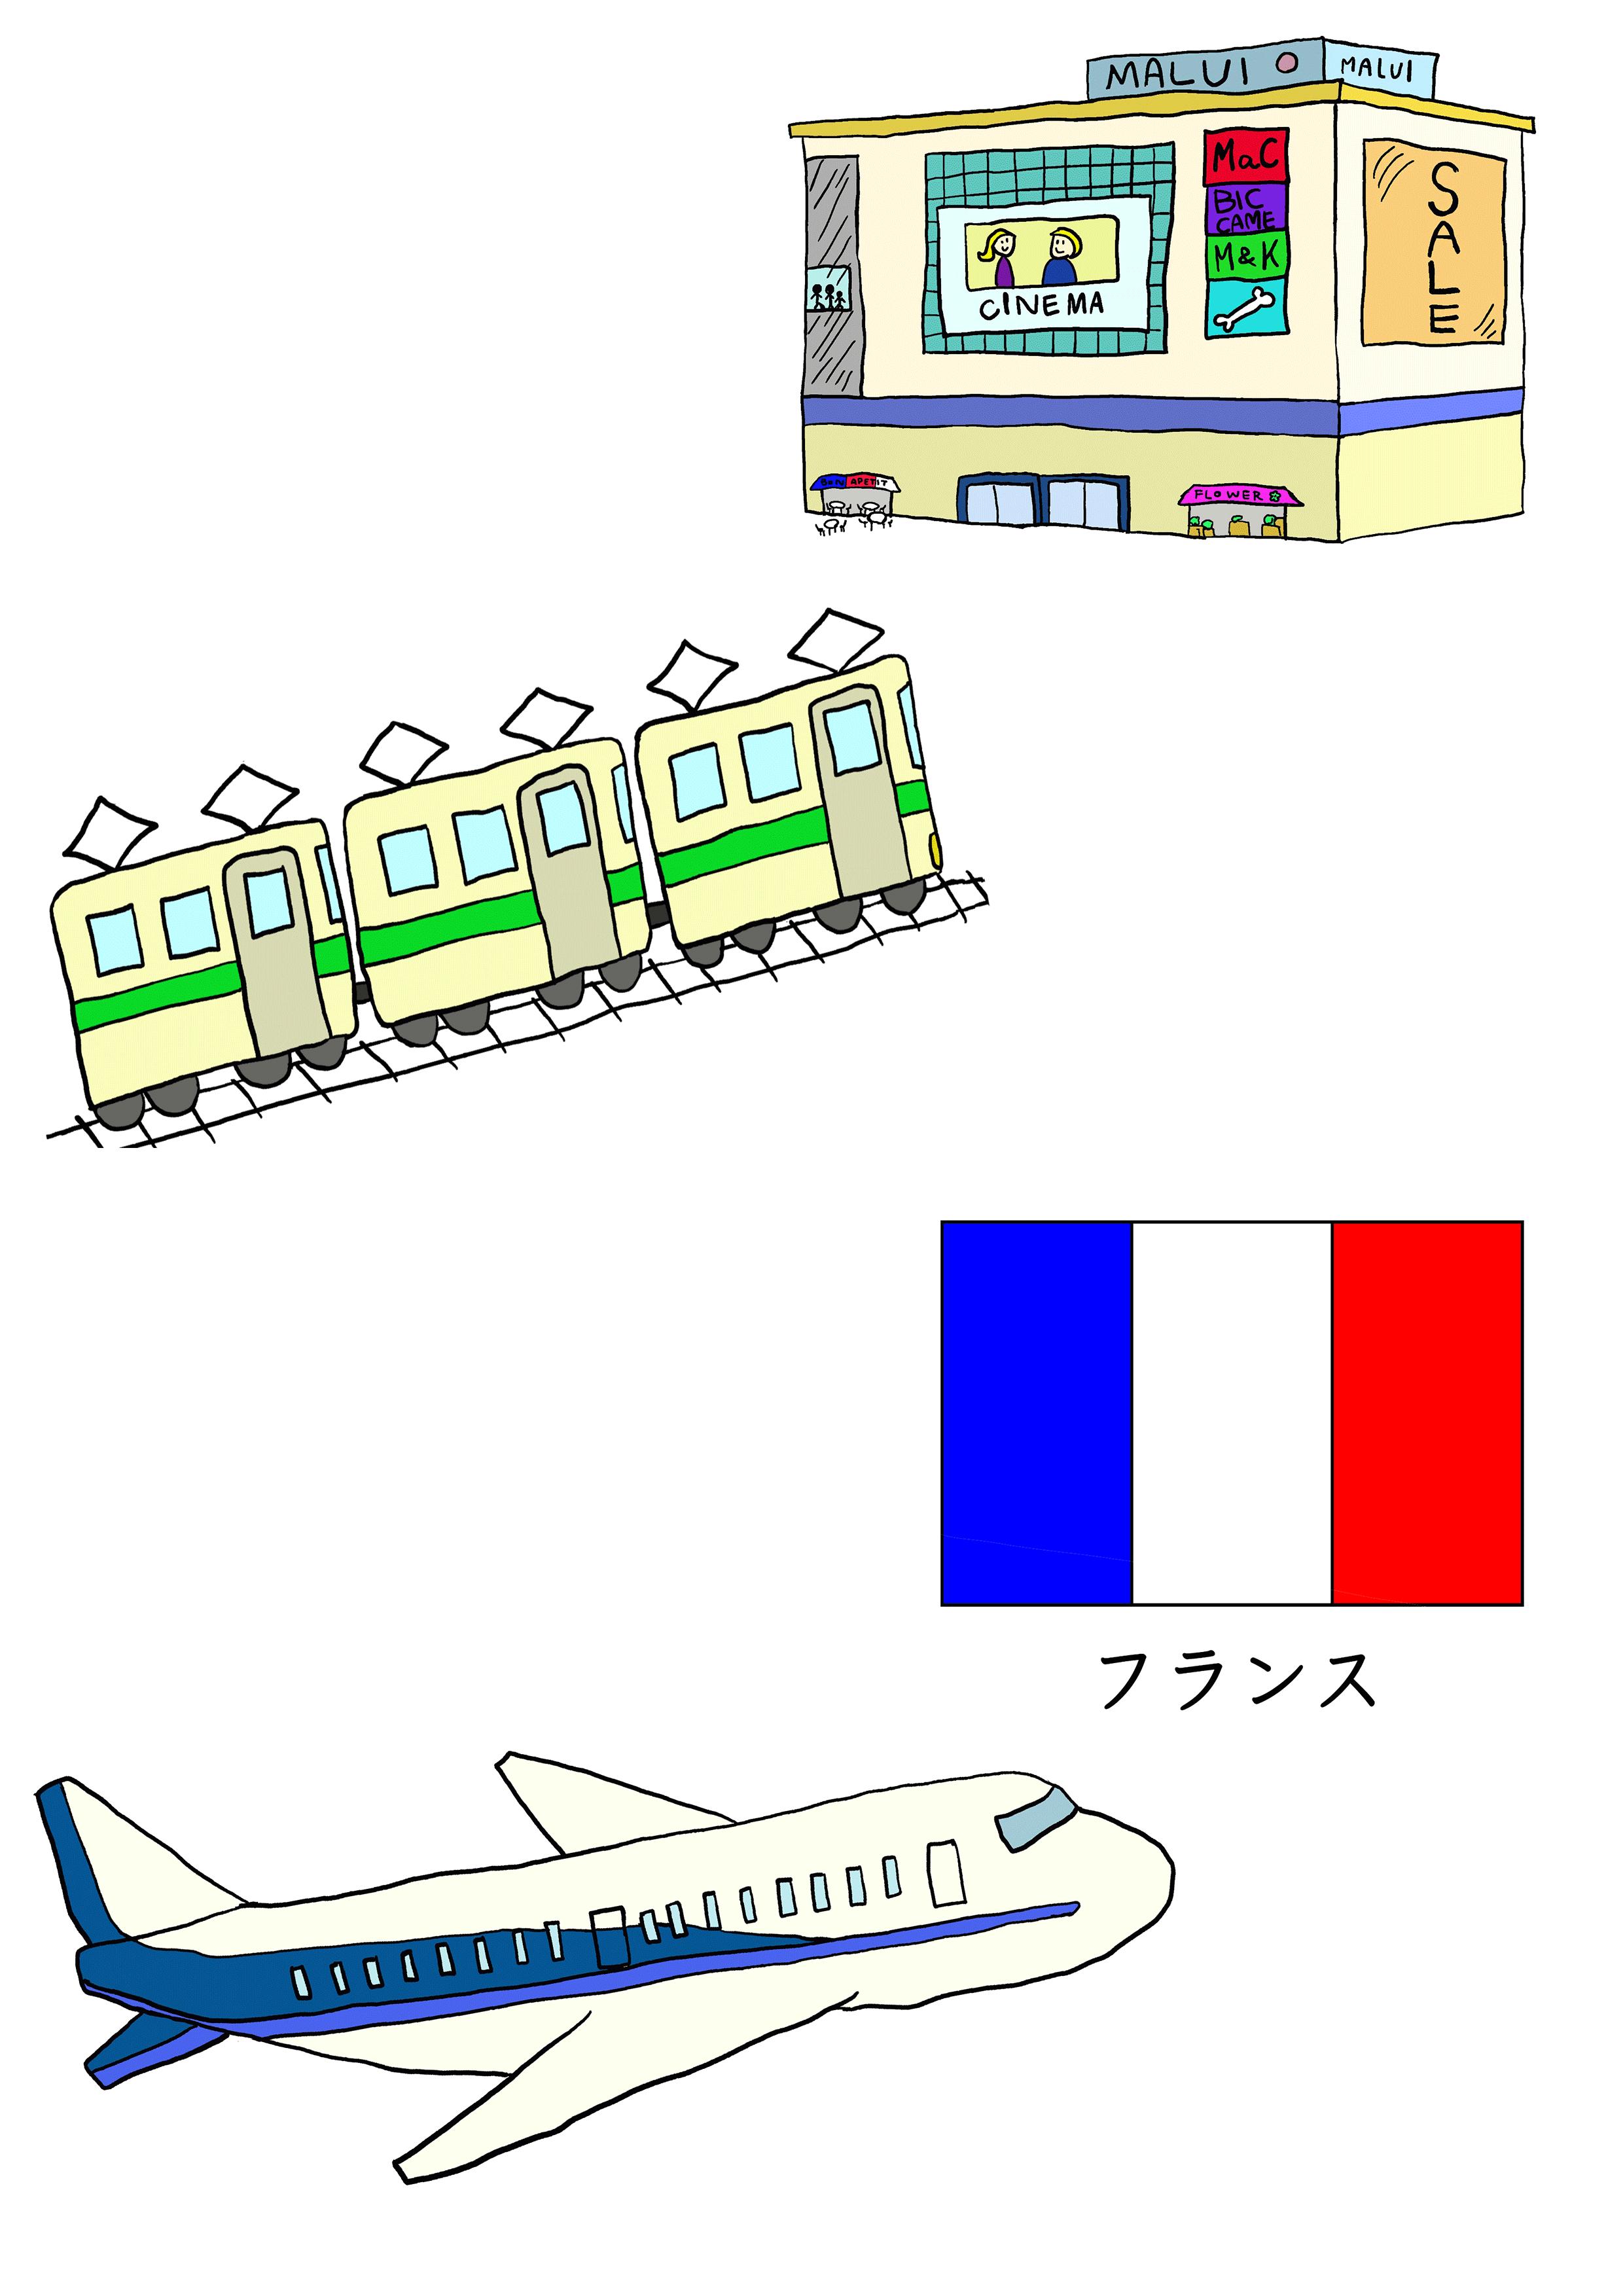 5課イラスト【電車でデパート/飛行機でフランス】